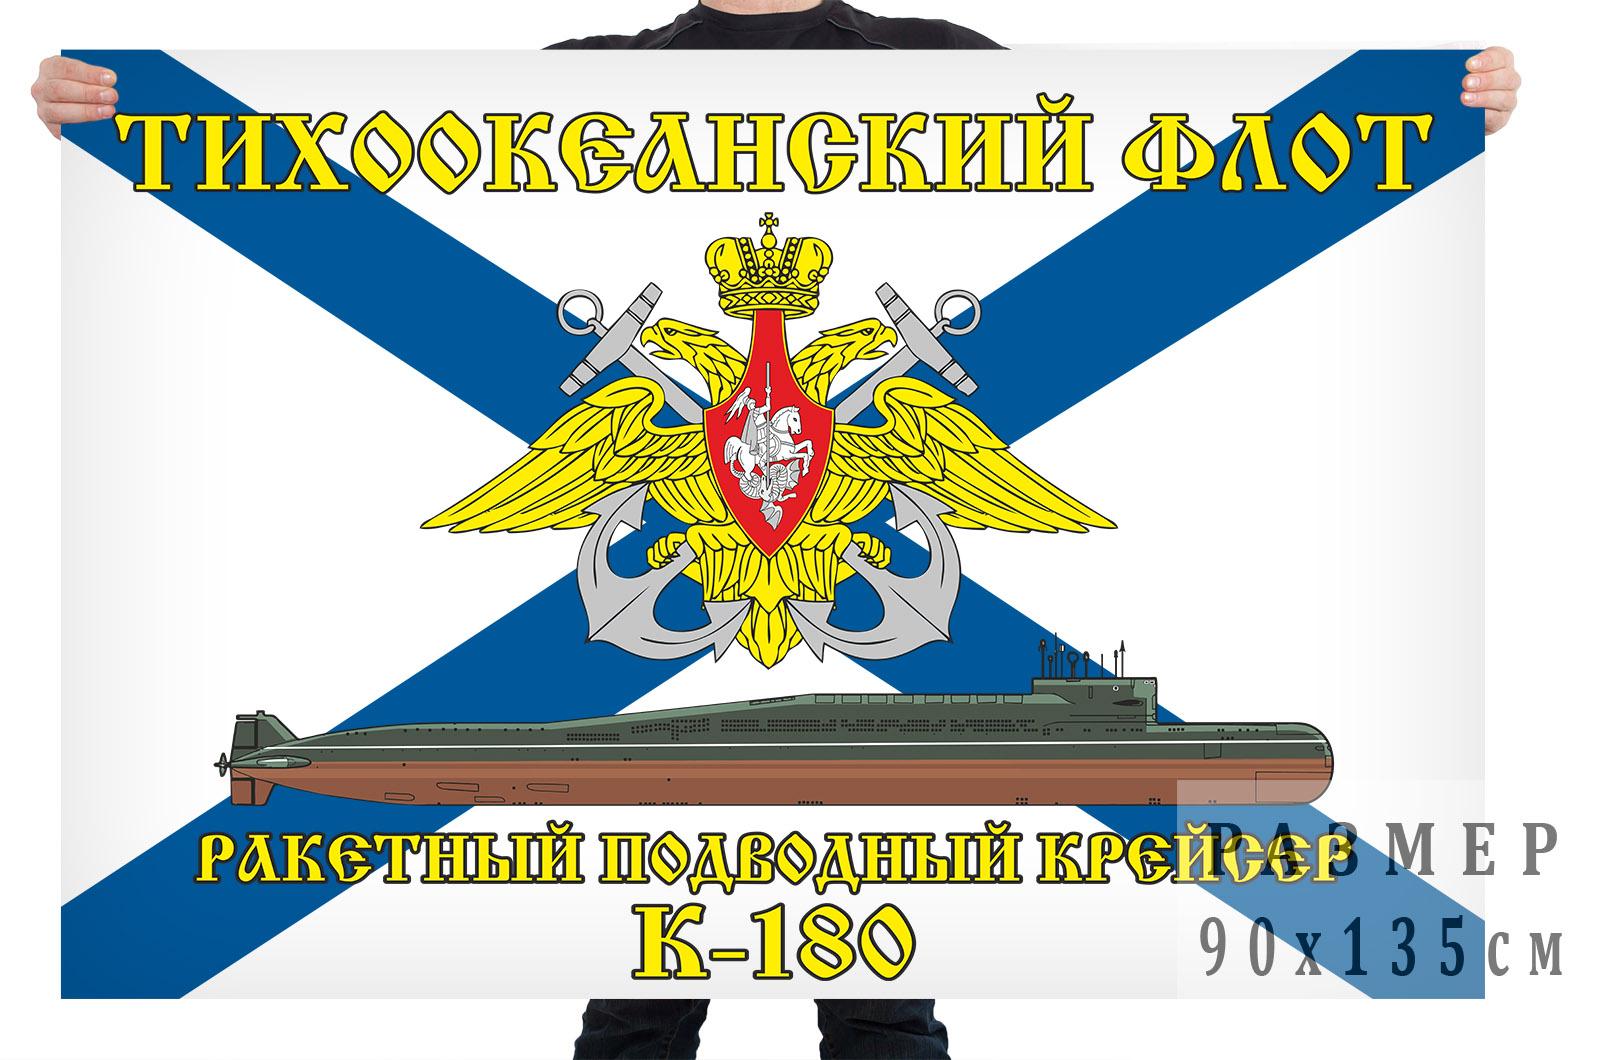 Флаг ракетного подводного крейсера К-180